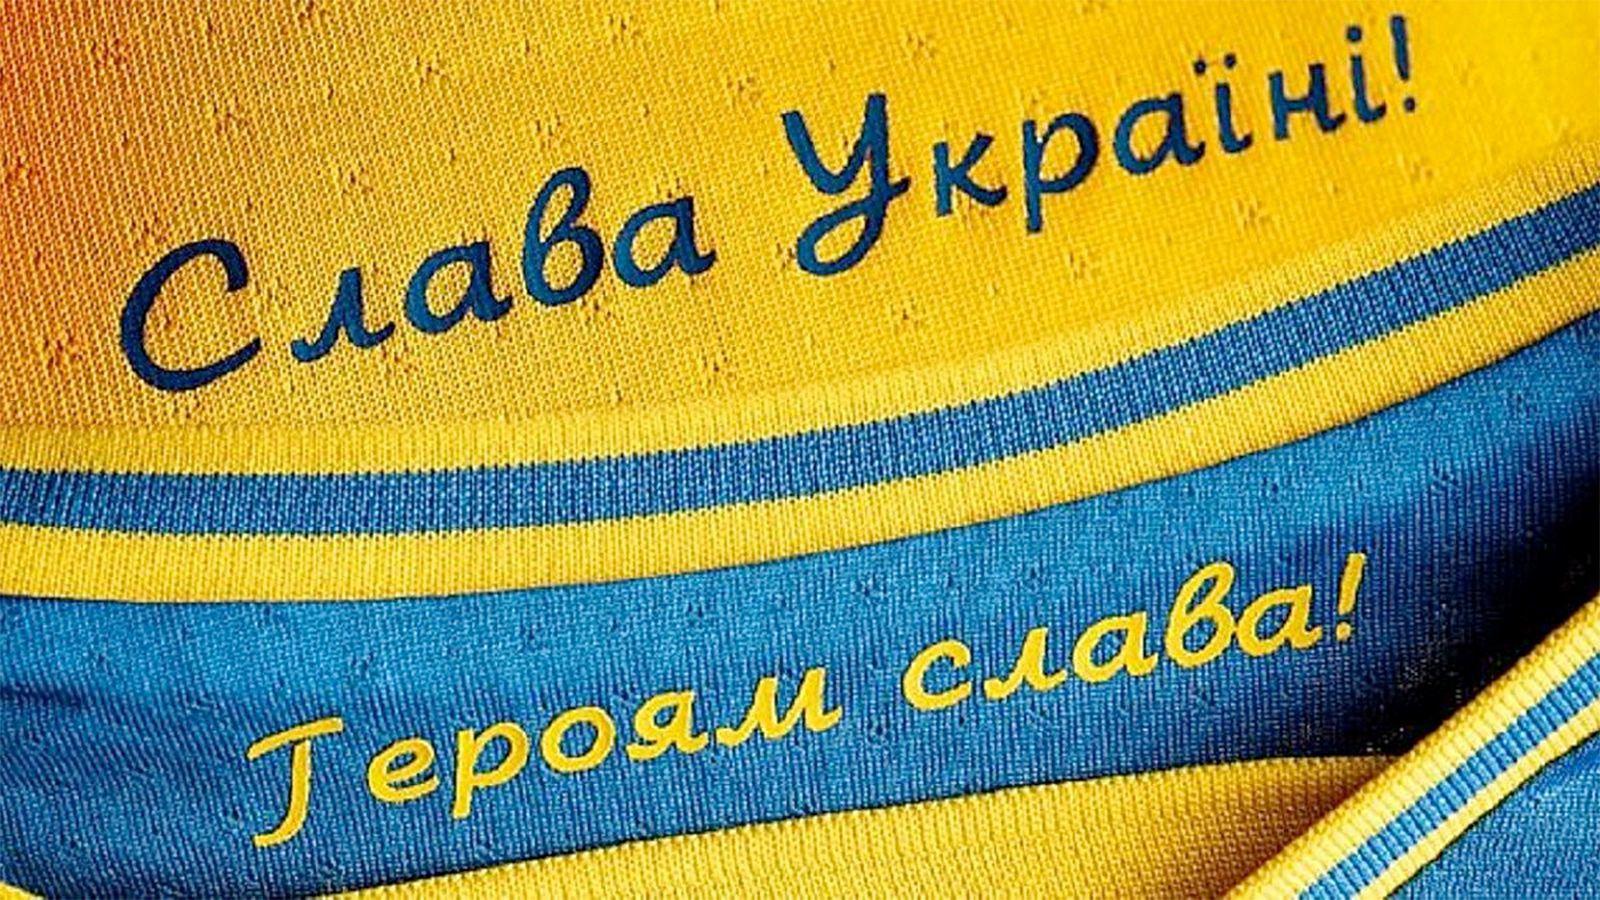 """СМИ узнали, как сборной Украины удалось сохранить слоган """"Героям слава!"""" на форме во время Евро - 2020"""